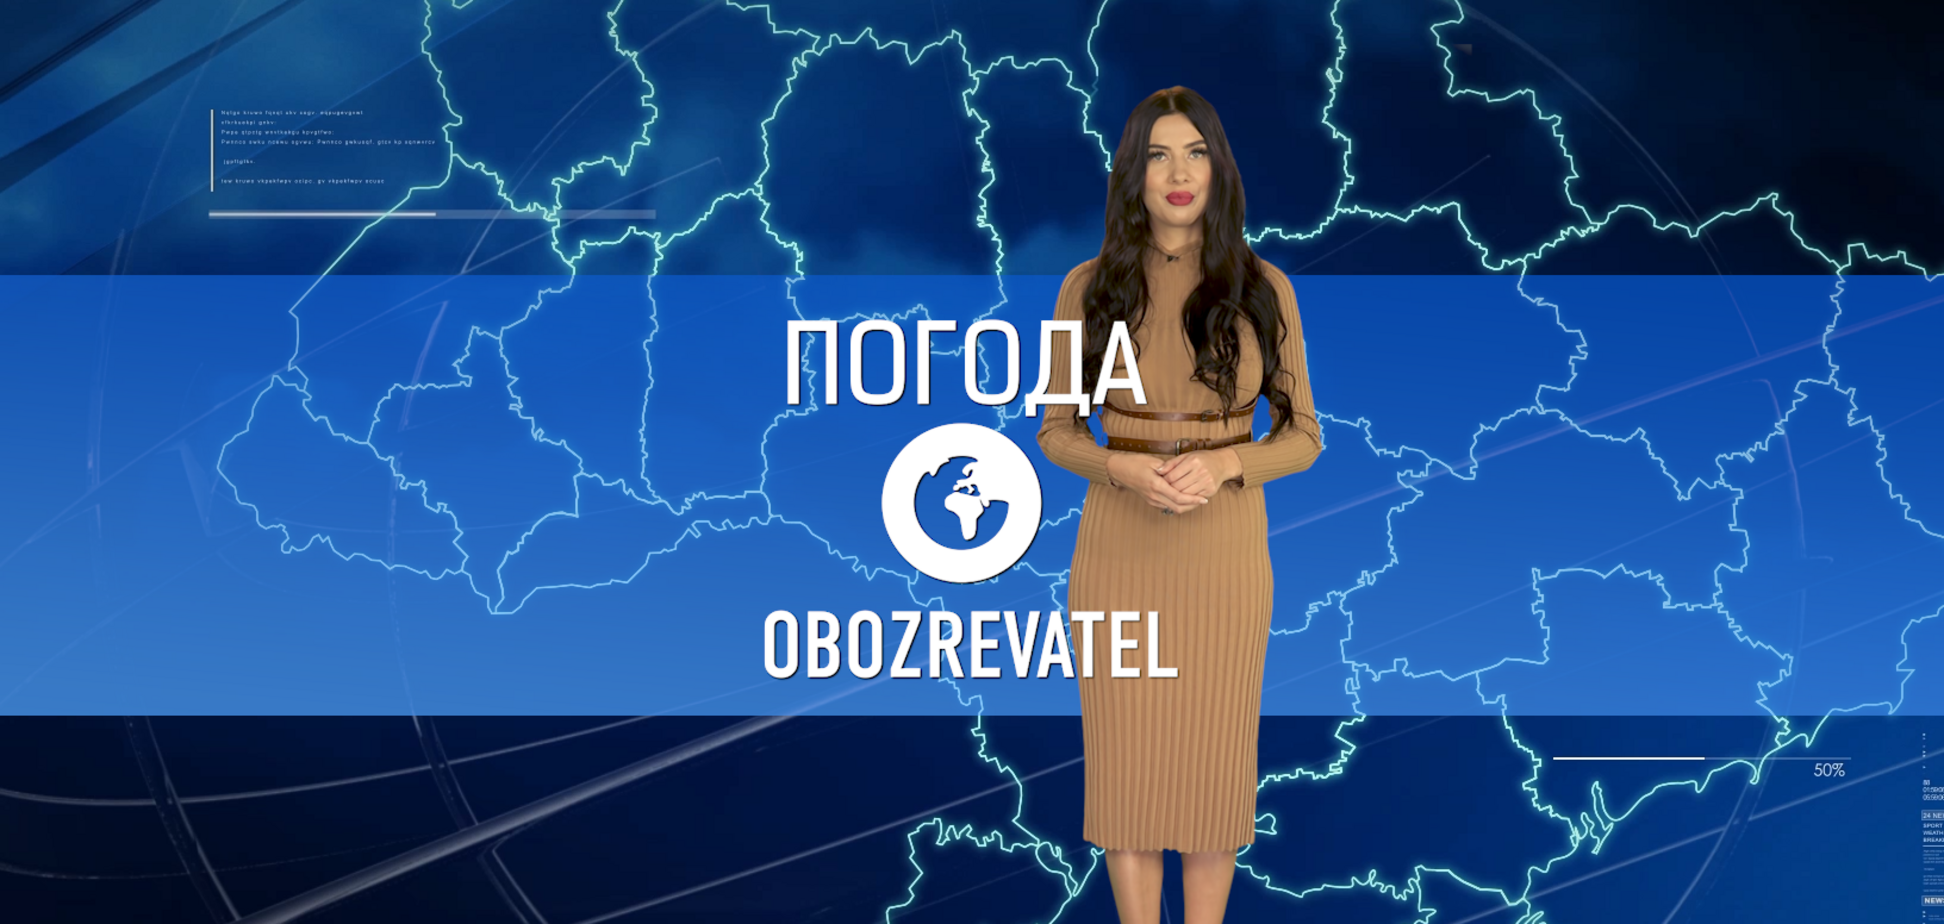 Прогноз погоды в Украине на субботу, 9 октября, с Алисой Мярковской